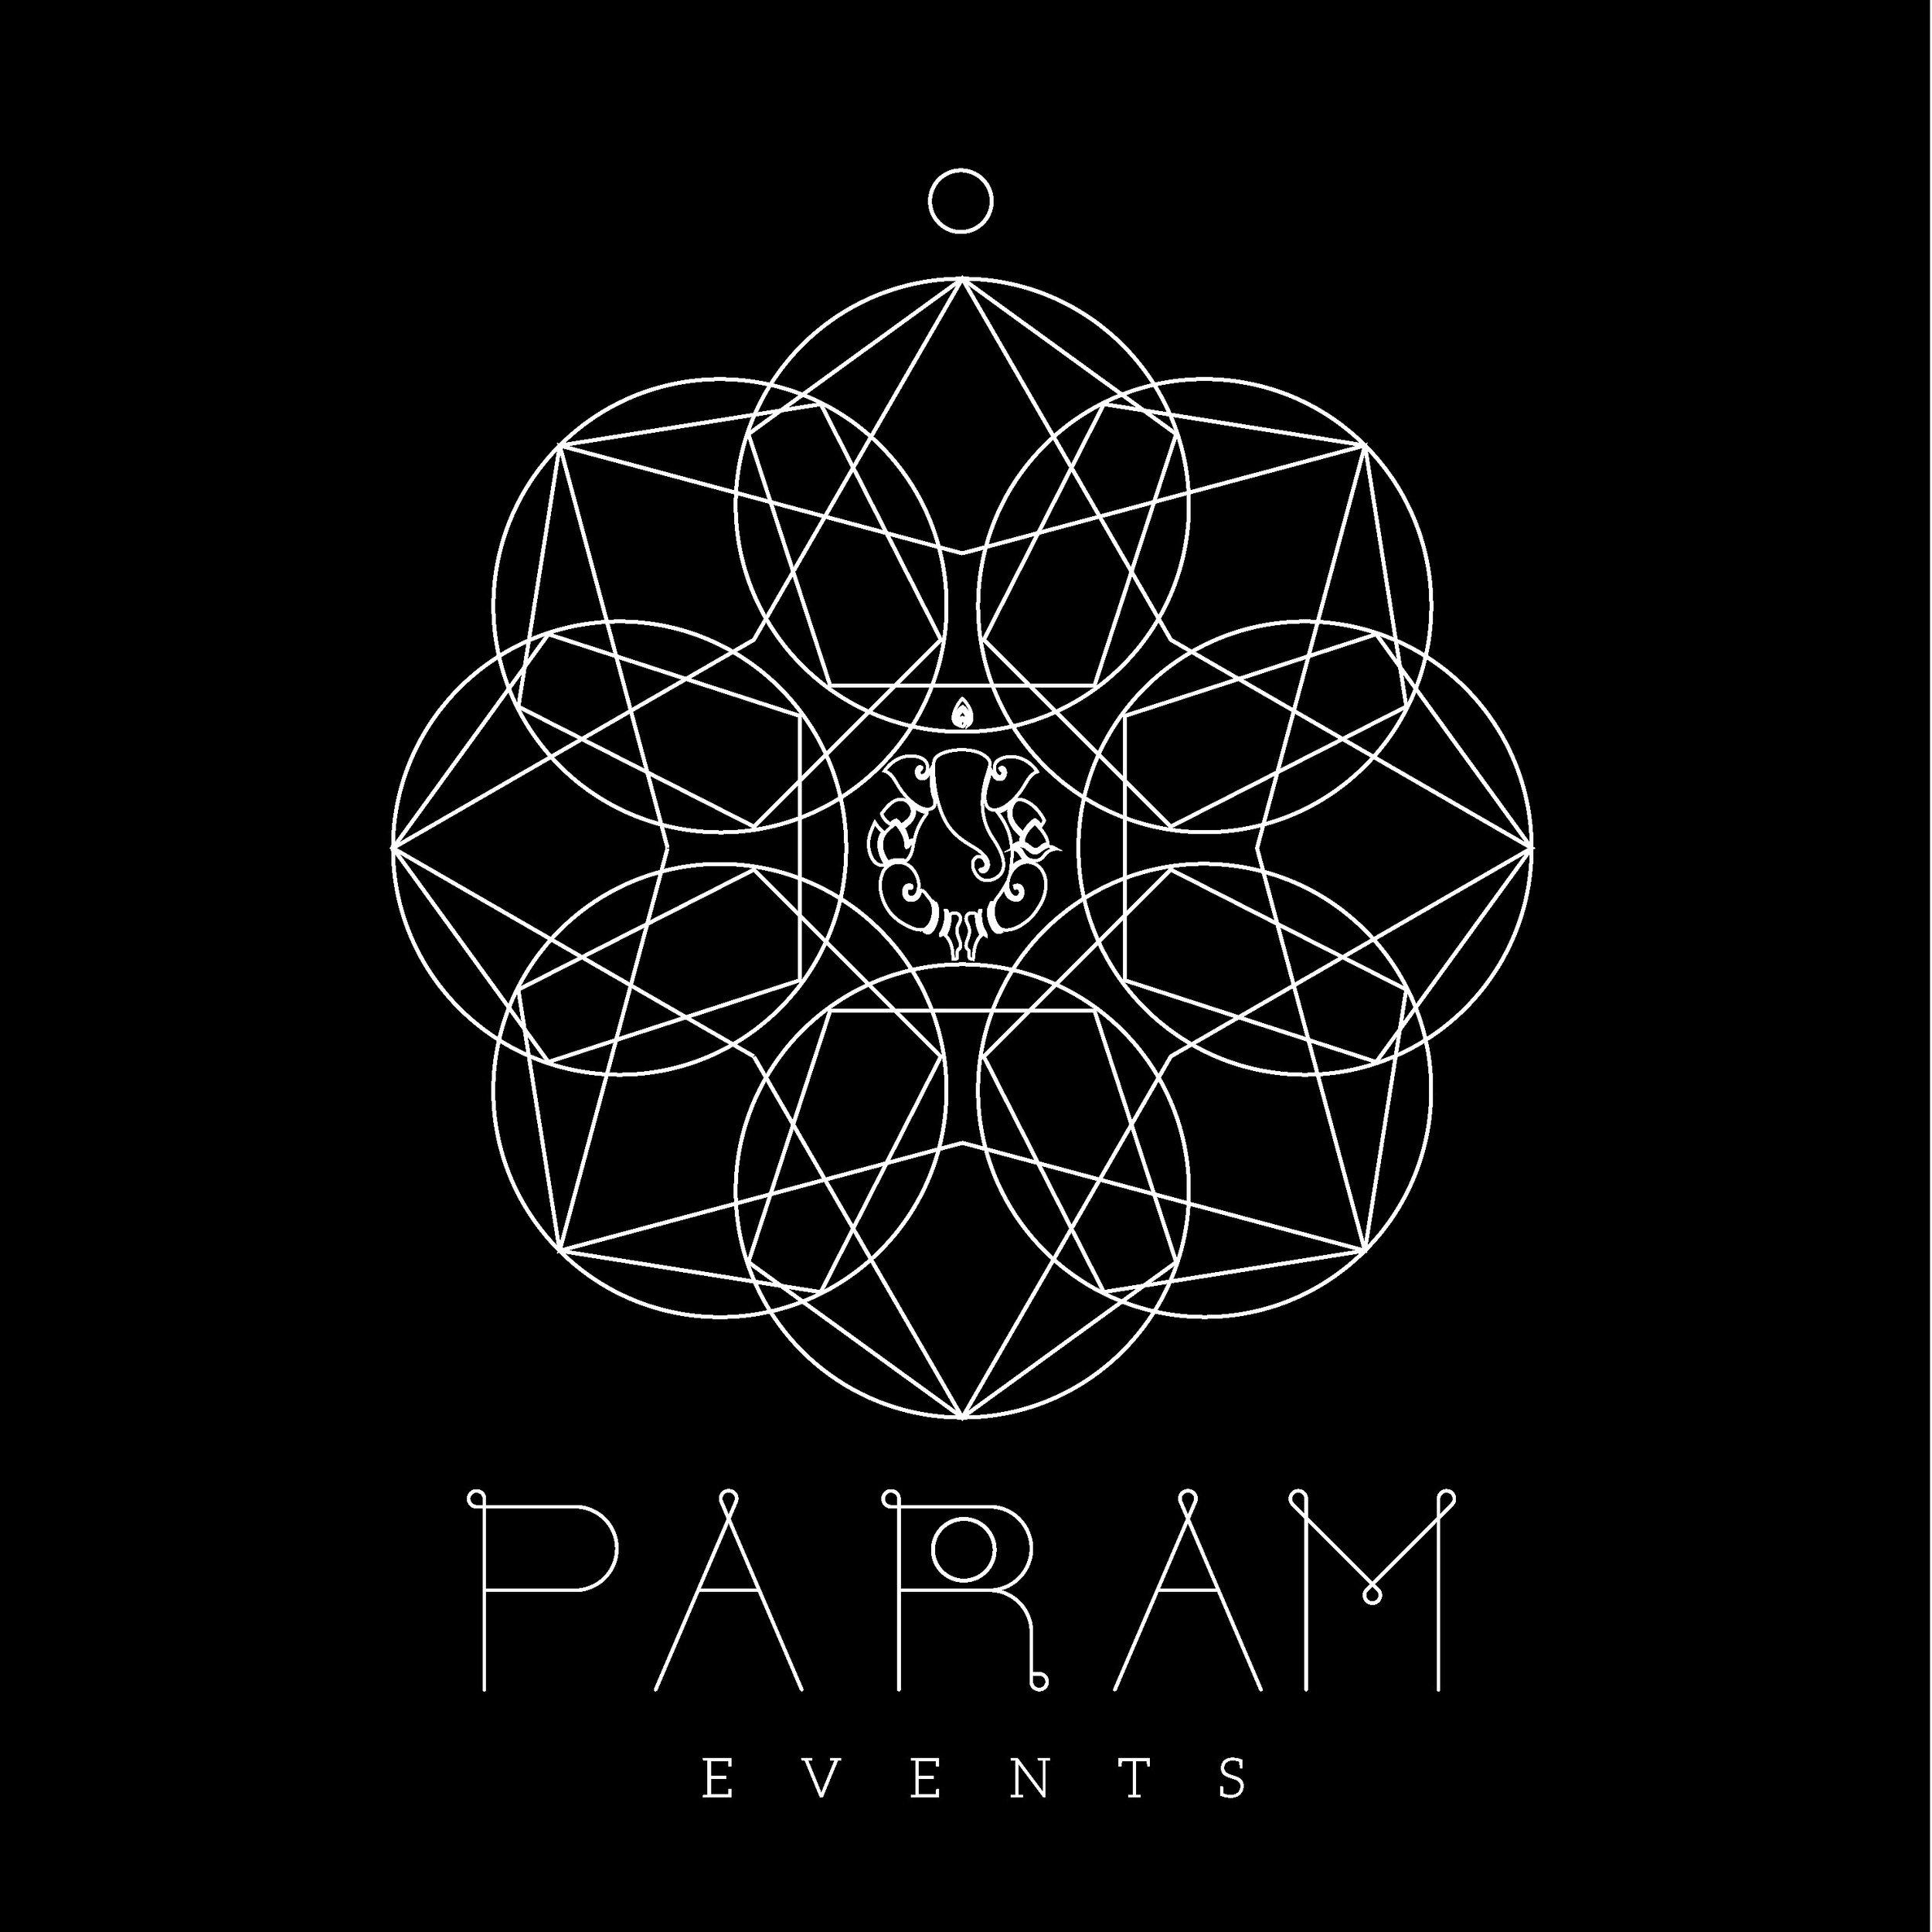 logo I designed for param events